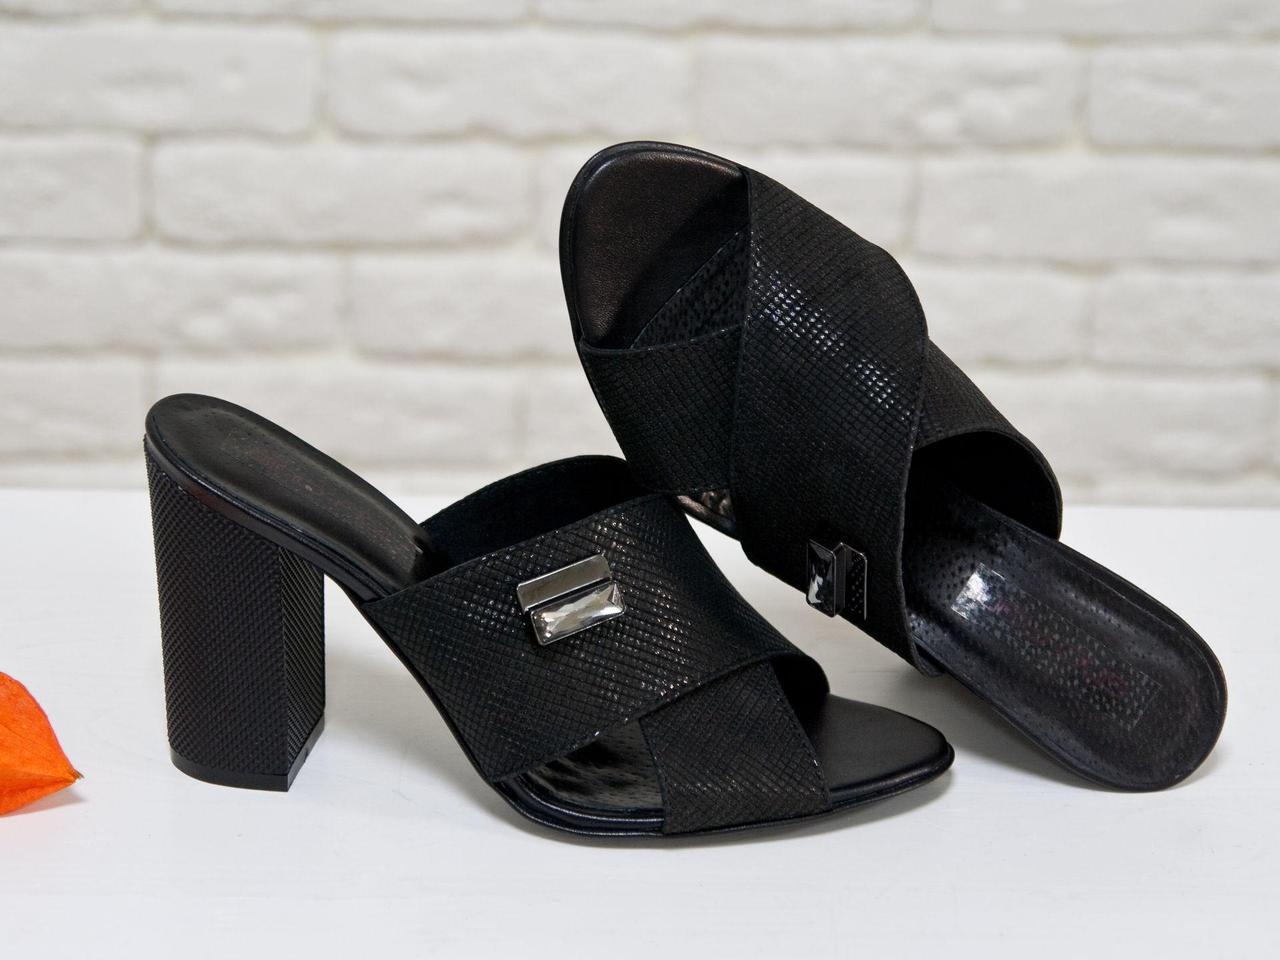 43574b3e9 Шлепанцы из натуральной эксклюзивной кожи черного цвета с легким блеском,  на утолщенном каблуке